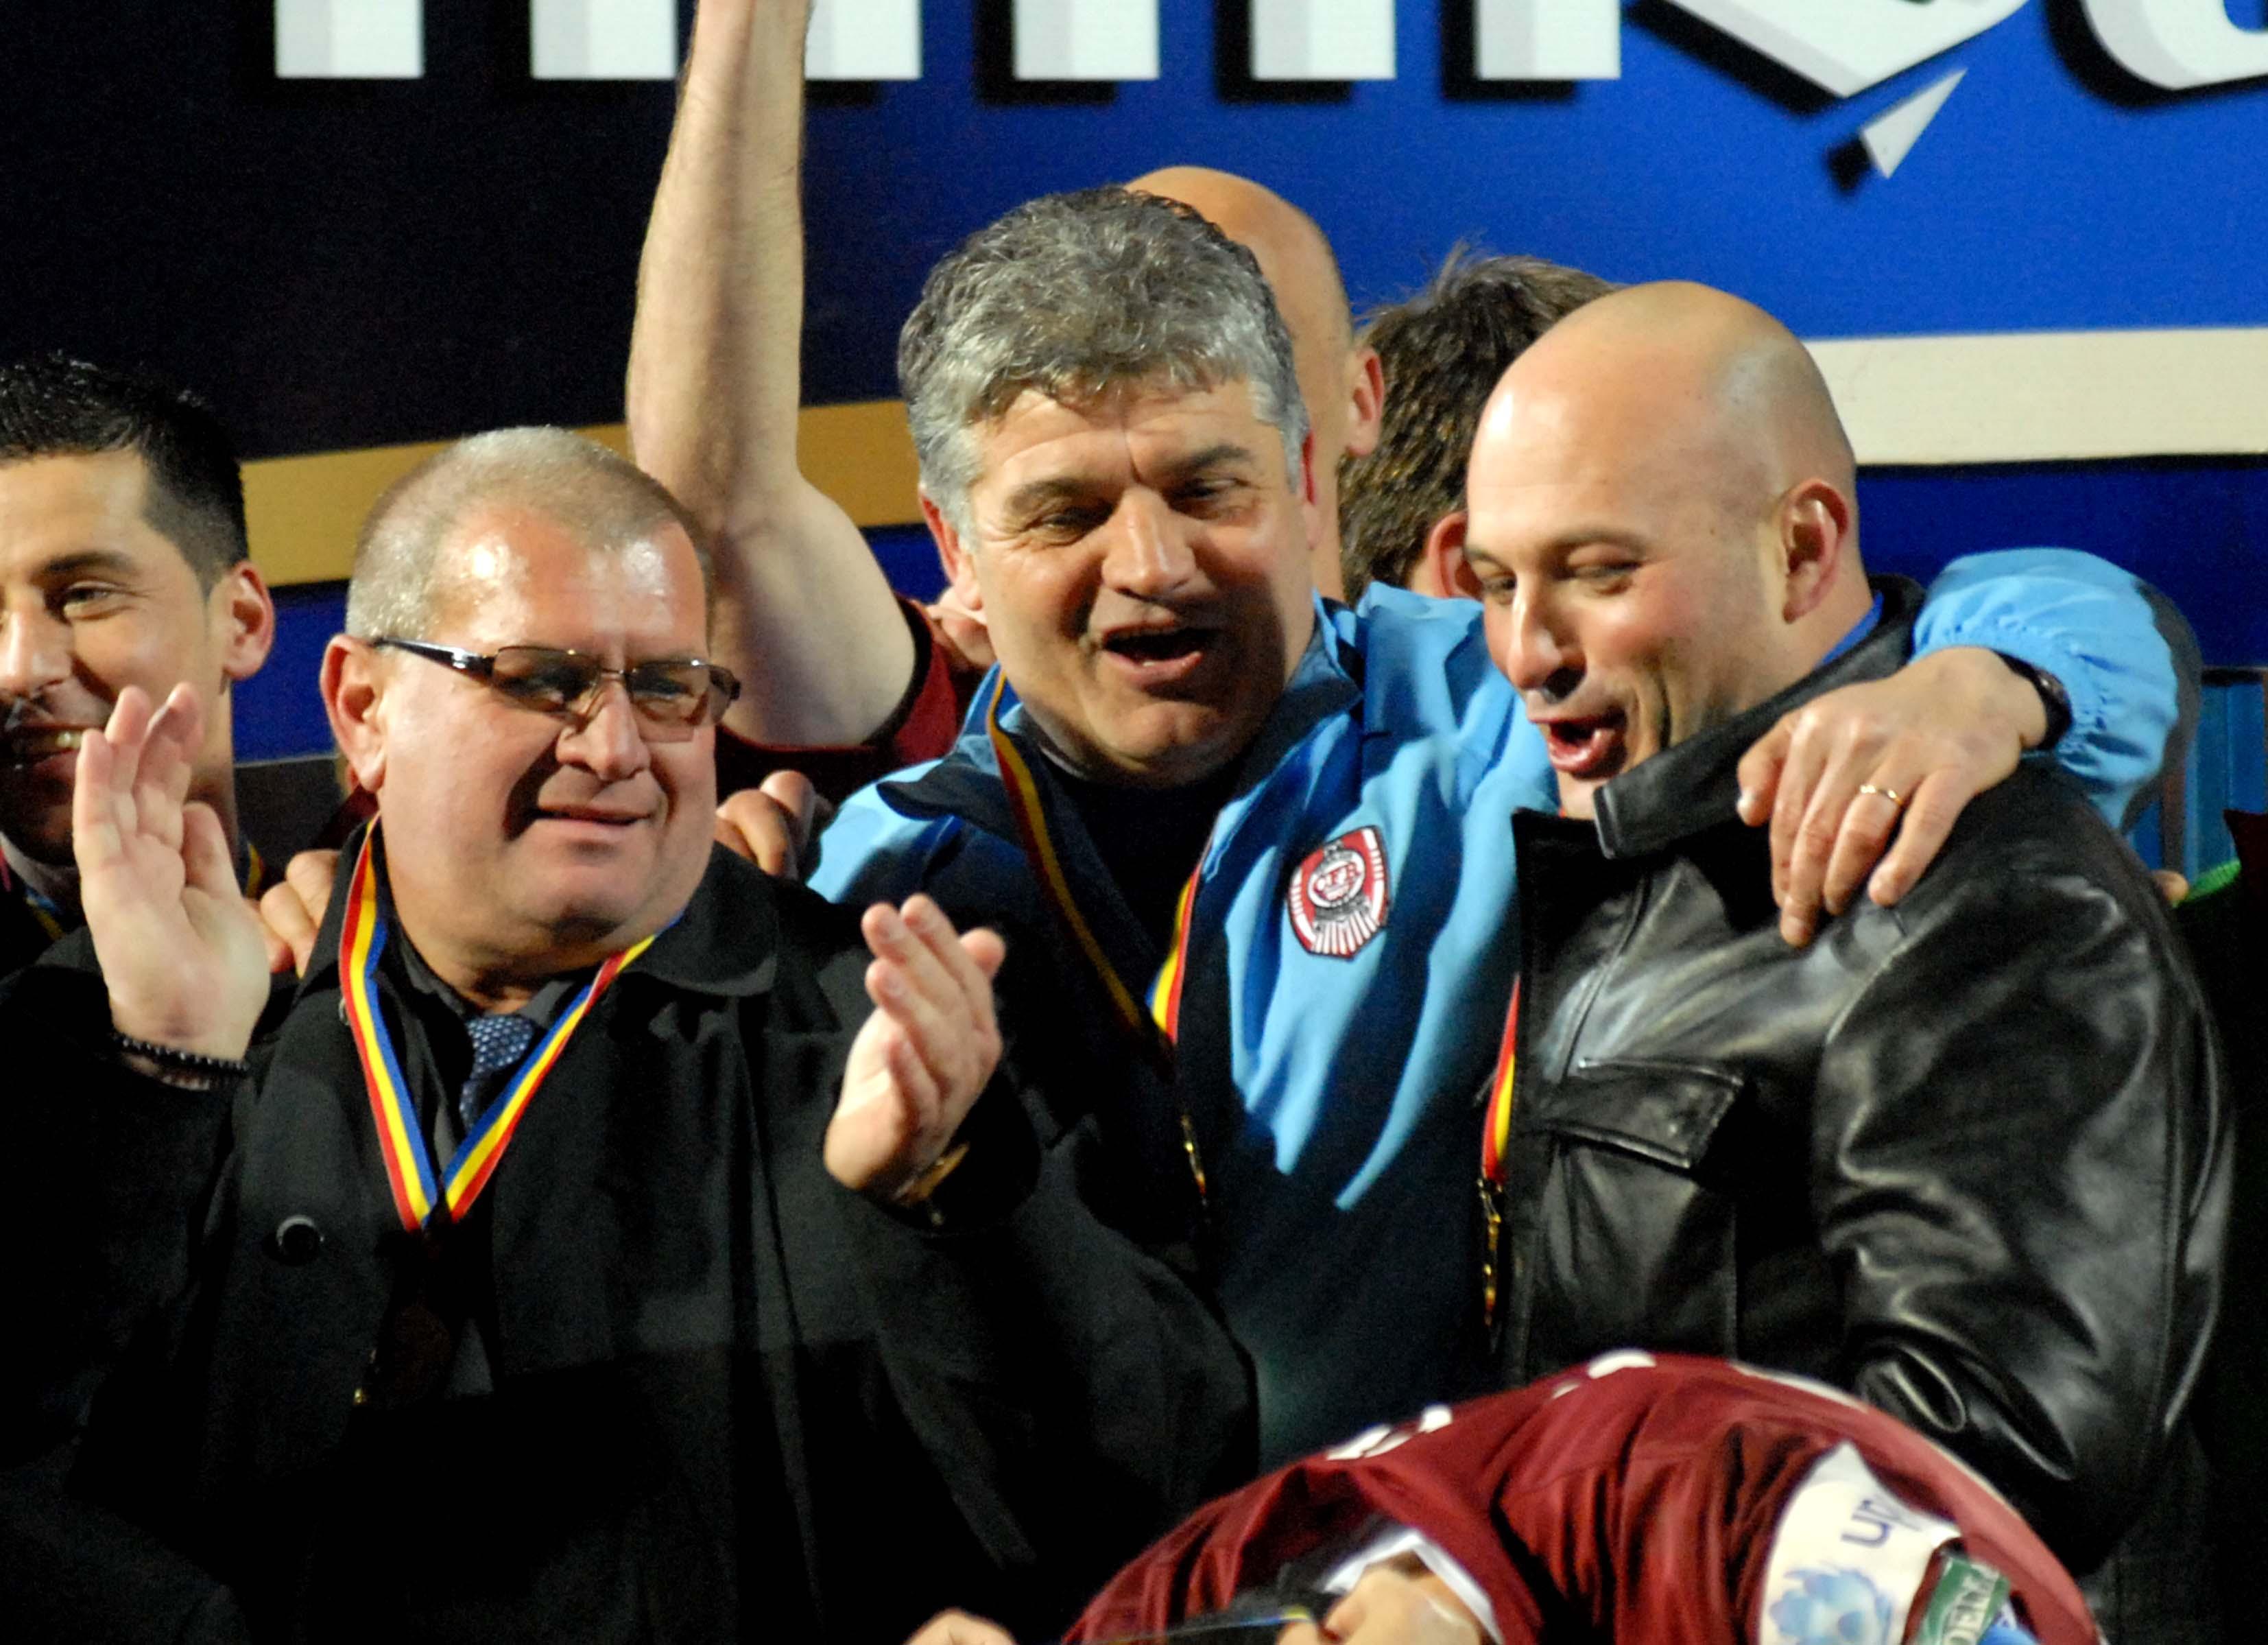 Arpad Paszkany nu mai e patron la CFR Cluj. Fostul patron al campioanei, alături de Ioan Andone şi Iuliu Mureşan, sărbătorind câştigarea Cupei României în 2008